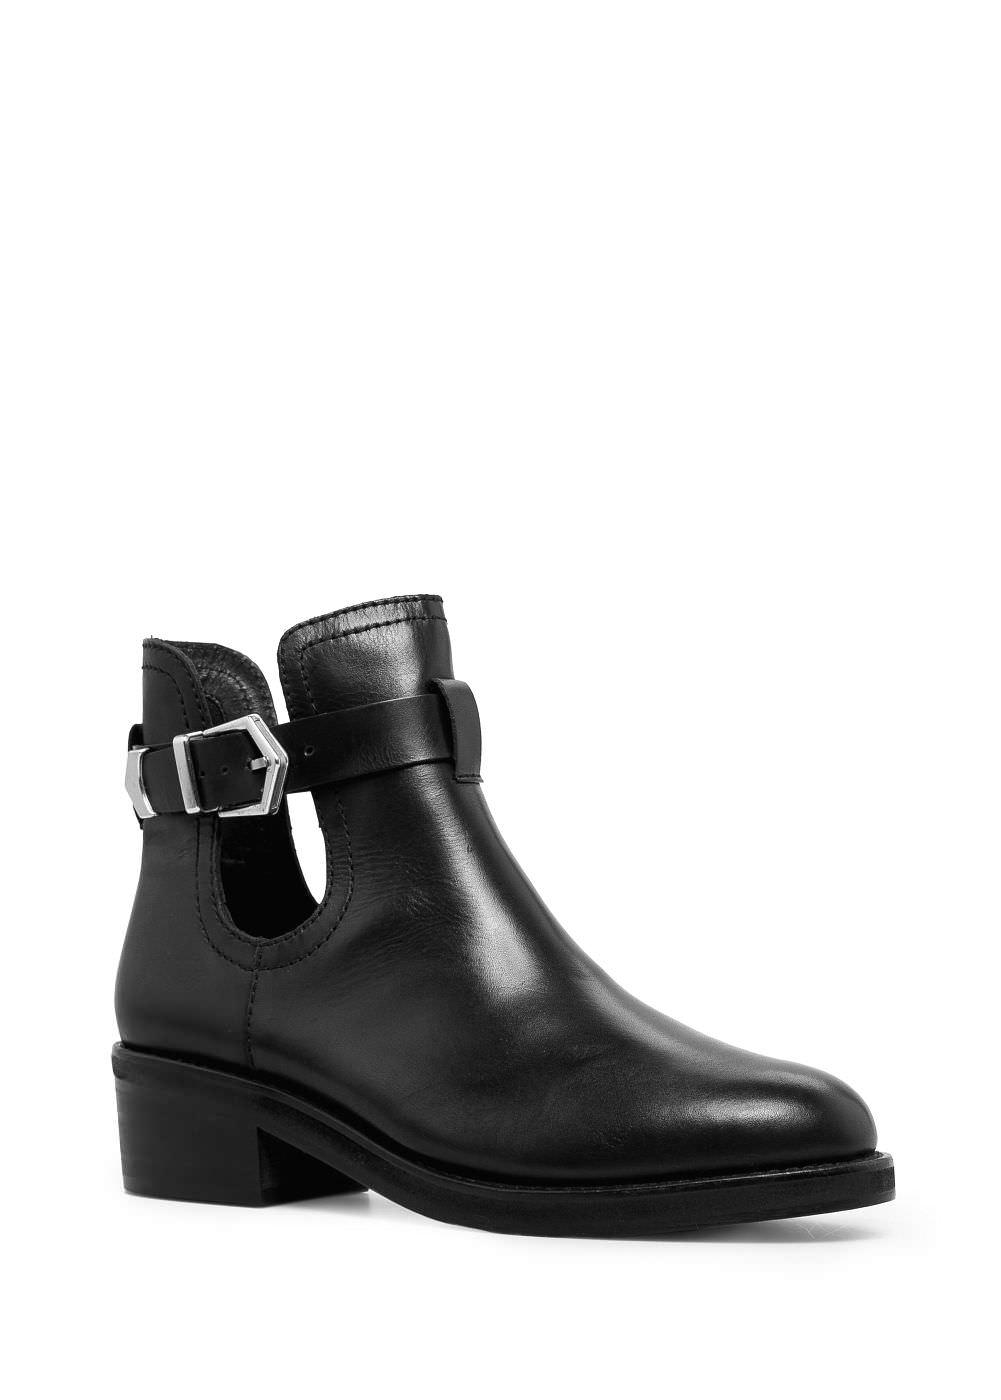 http://mango.es/ES/p0/mujer/accesorios/calzado/botines/botin-piel-aberturas/?id=33030333_02&n=1&s=accesorios&ident=0__0_1414076086503&ts=1414076086503